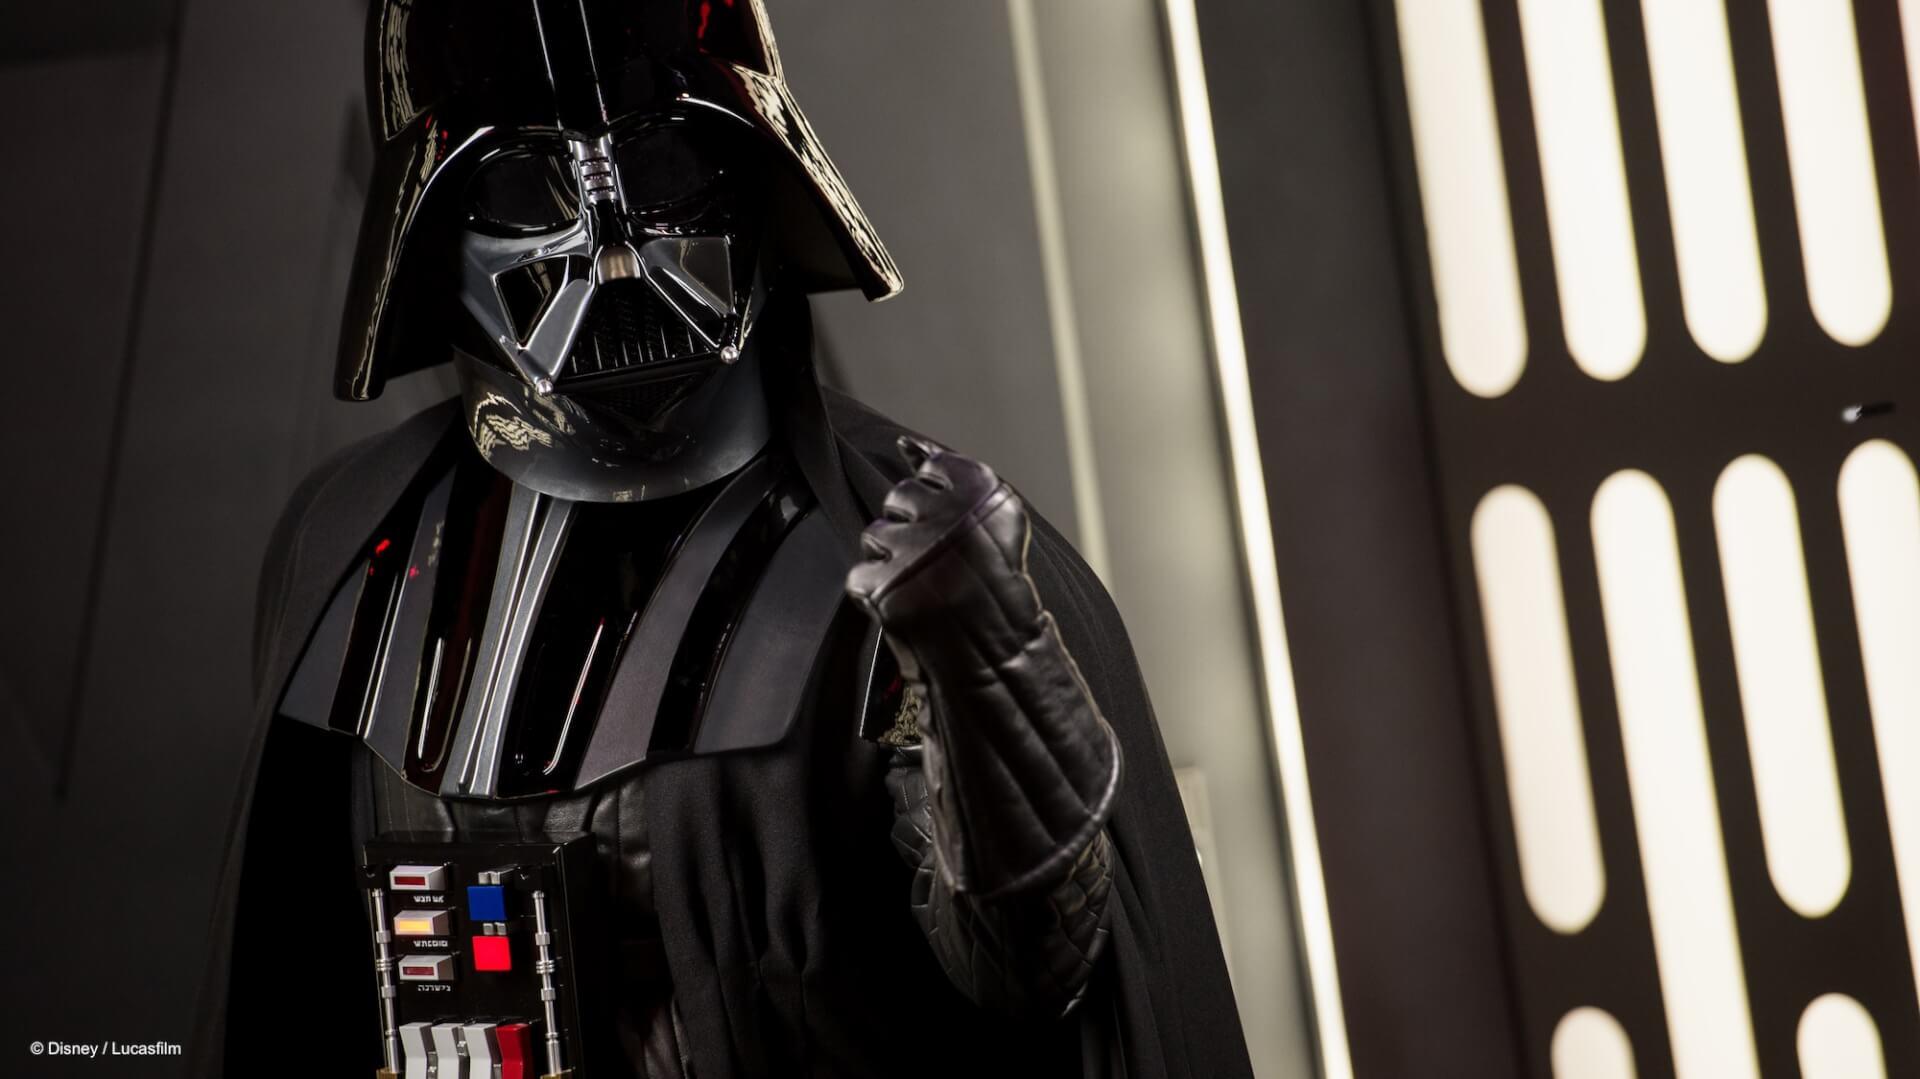 Egy új felmérés szerint már nem Darth Vader a Star Wars franchise  legnépszerűbb karaktere - Wide Screen